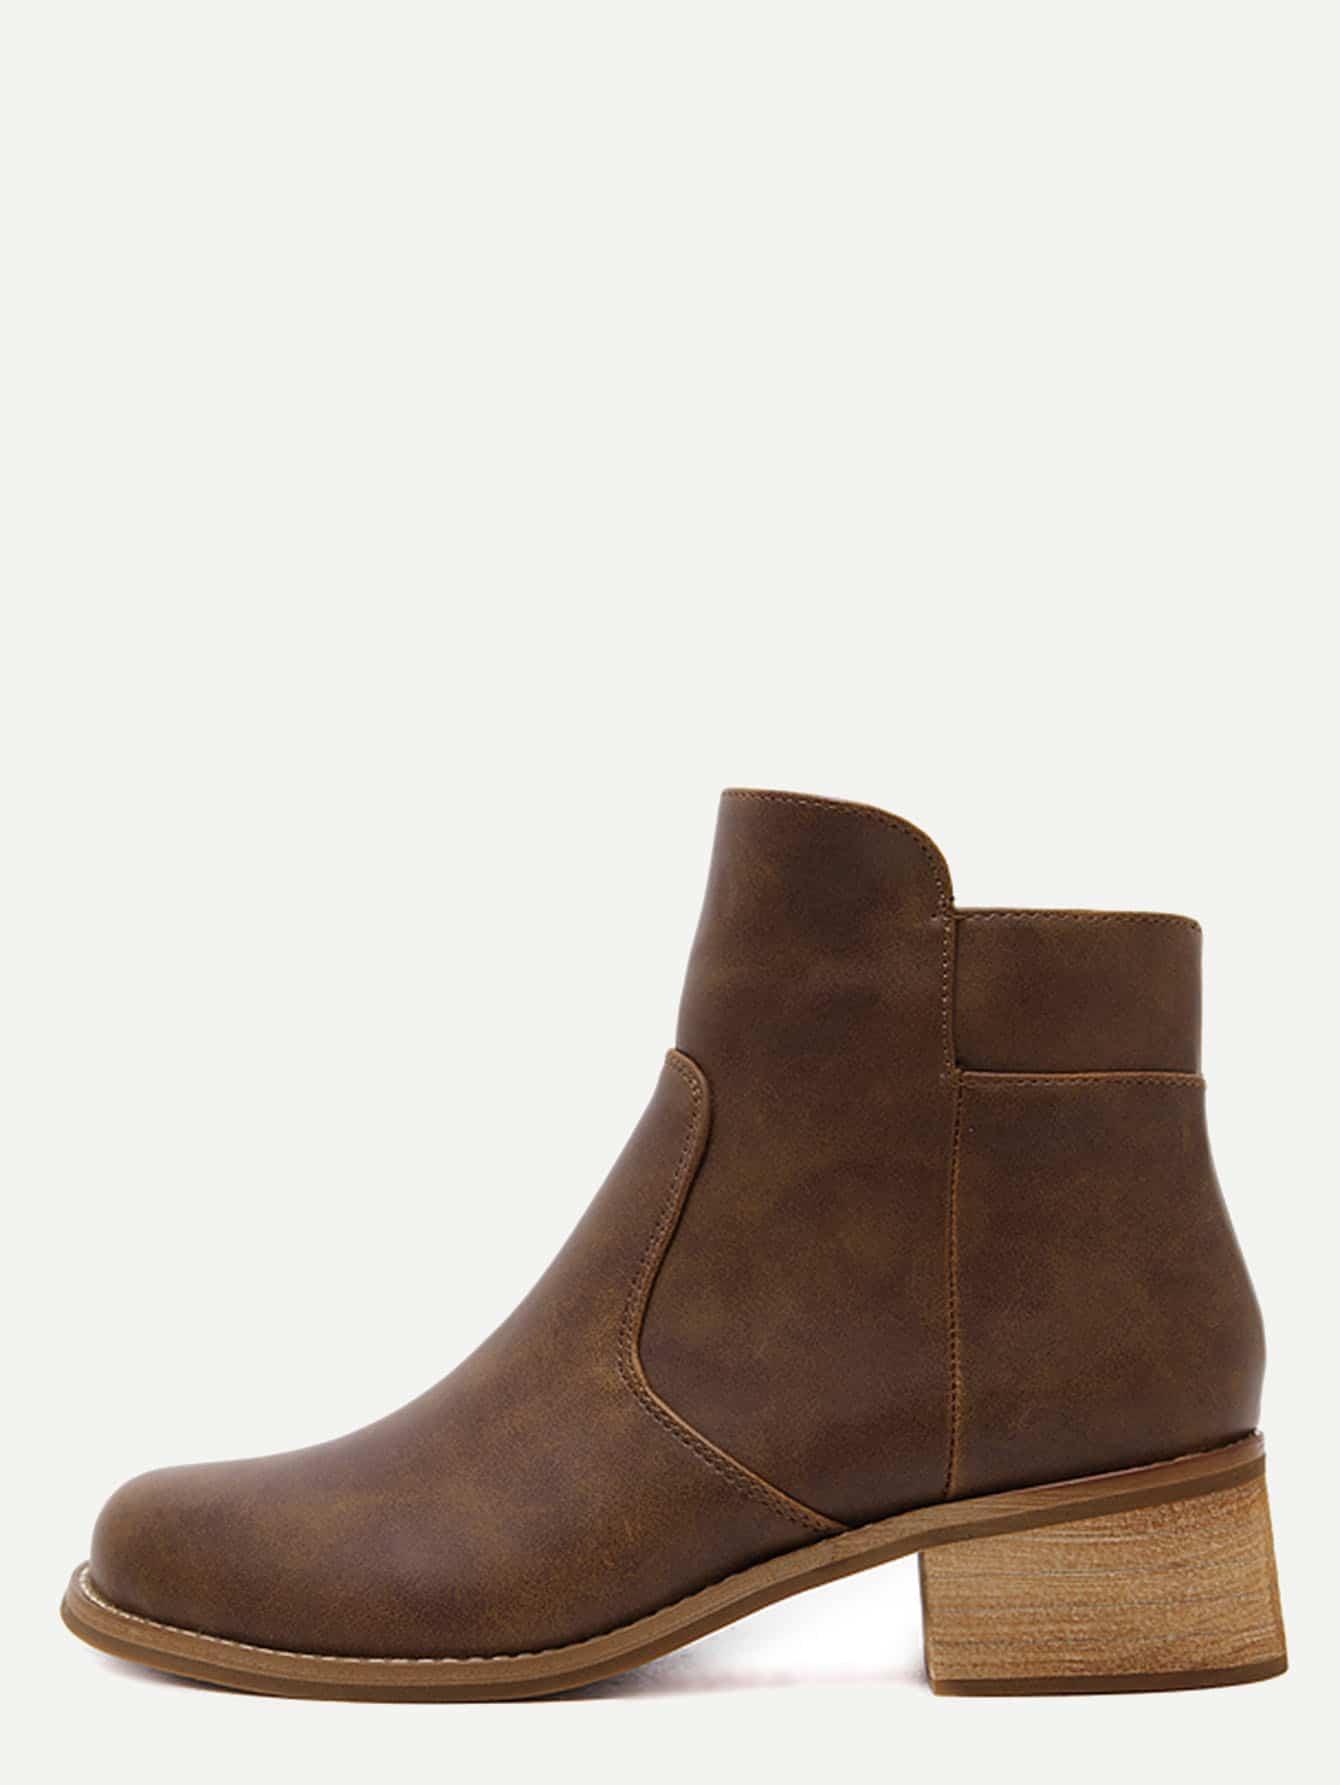 shoes161027803_2